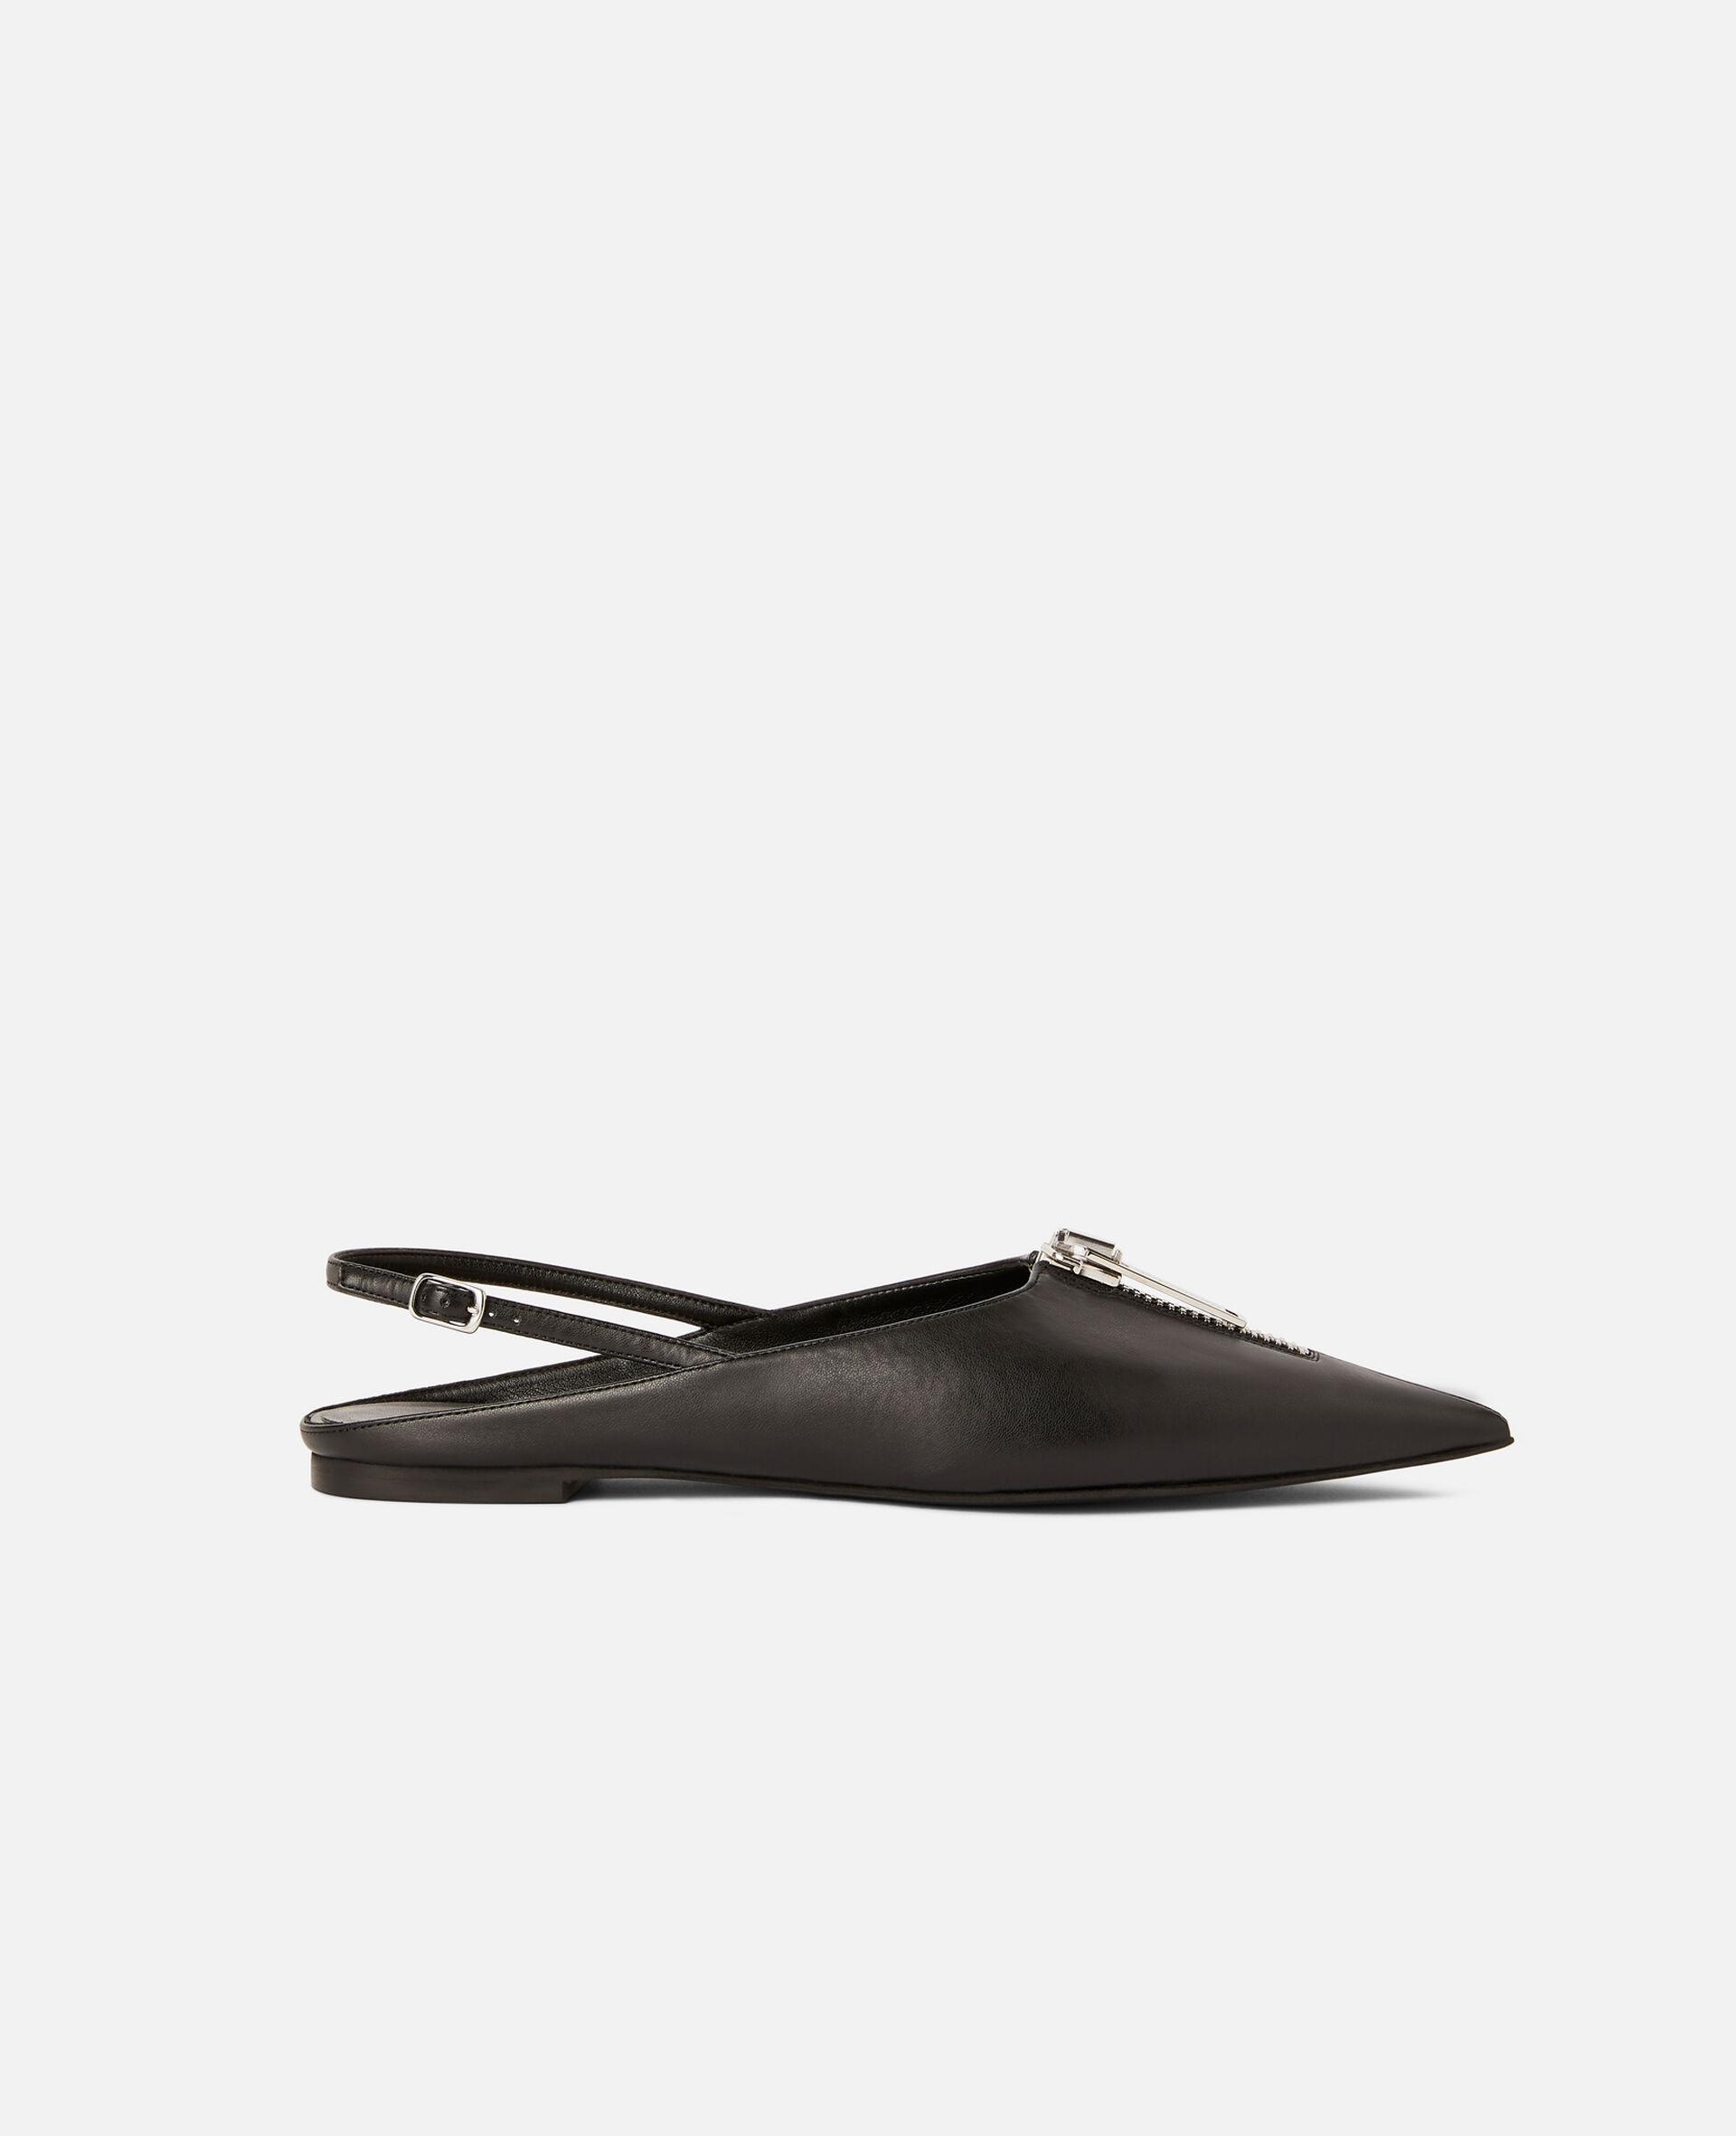 Zipit 平底鞋-黑色-large image number 0